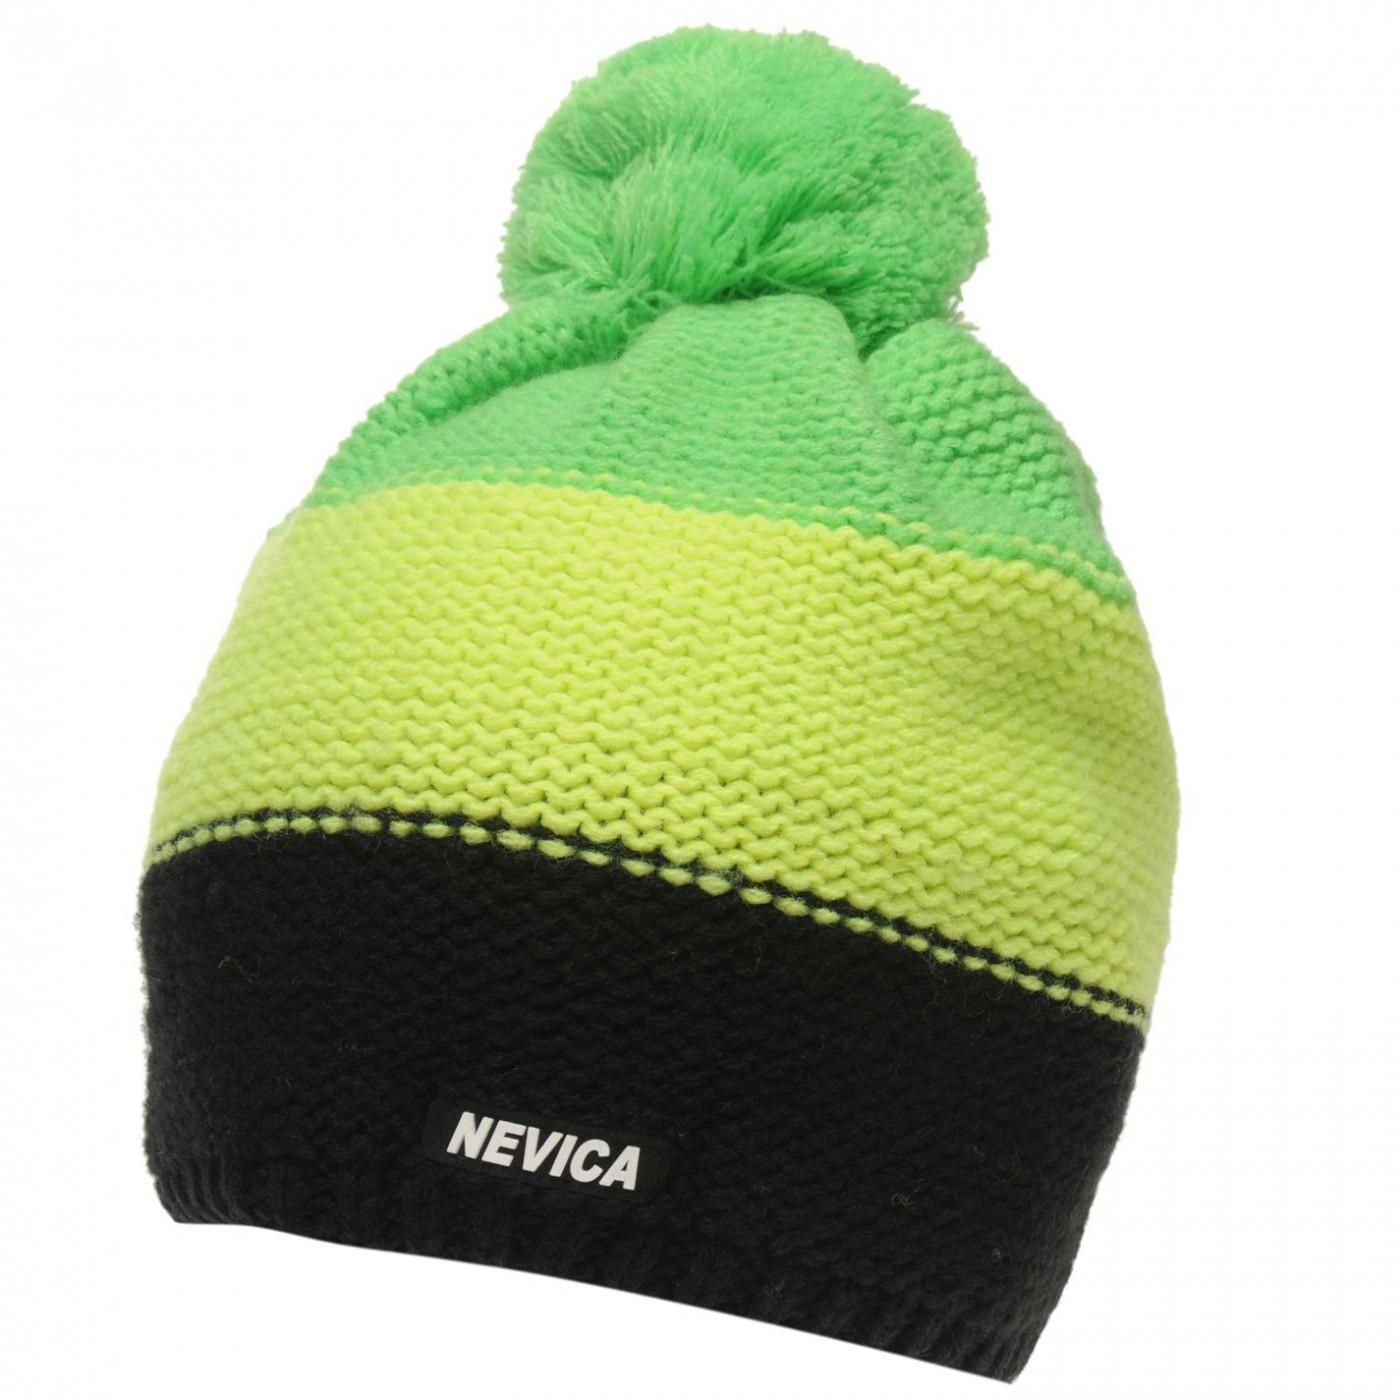 d6e70a1bf3f Nevica Banff Beanie Mens - FACTCOOL